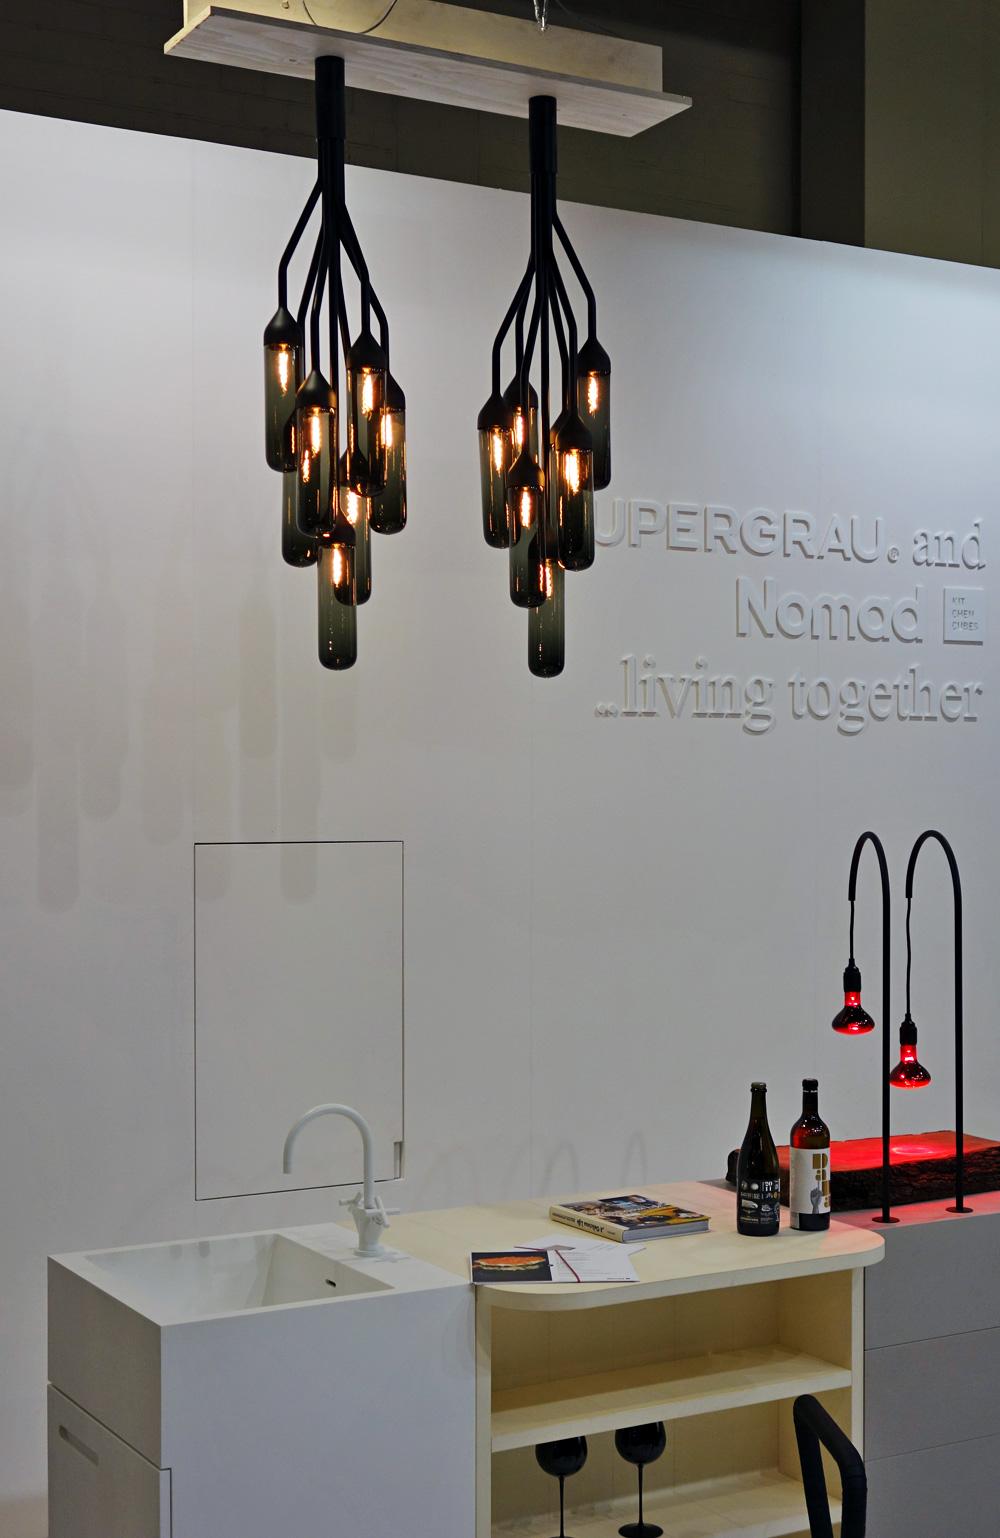 IMM-2014-Internationale-Moebelmesse-Koeln-Supergrau-Nomad